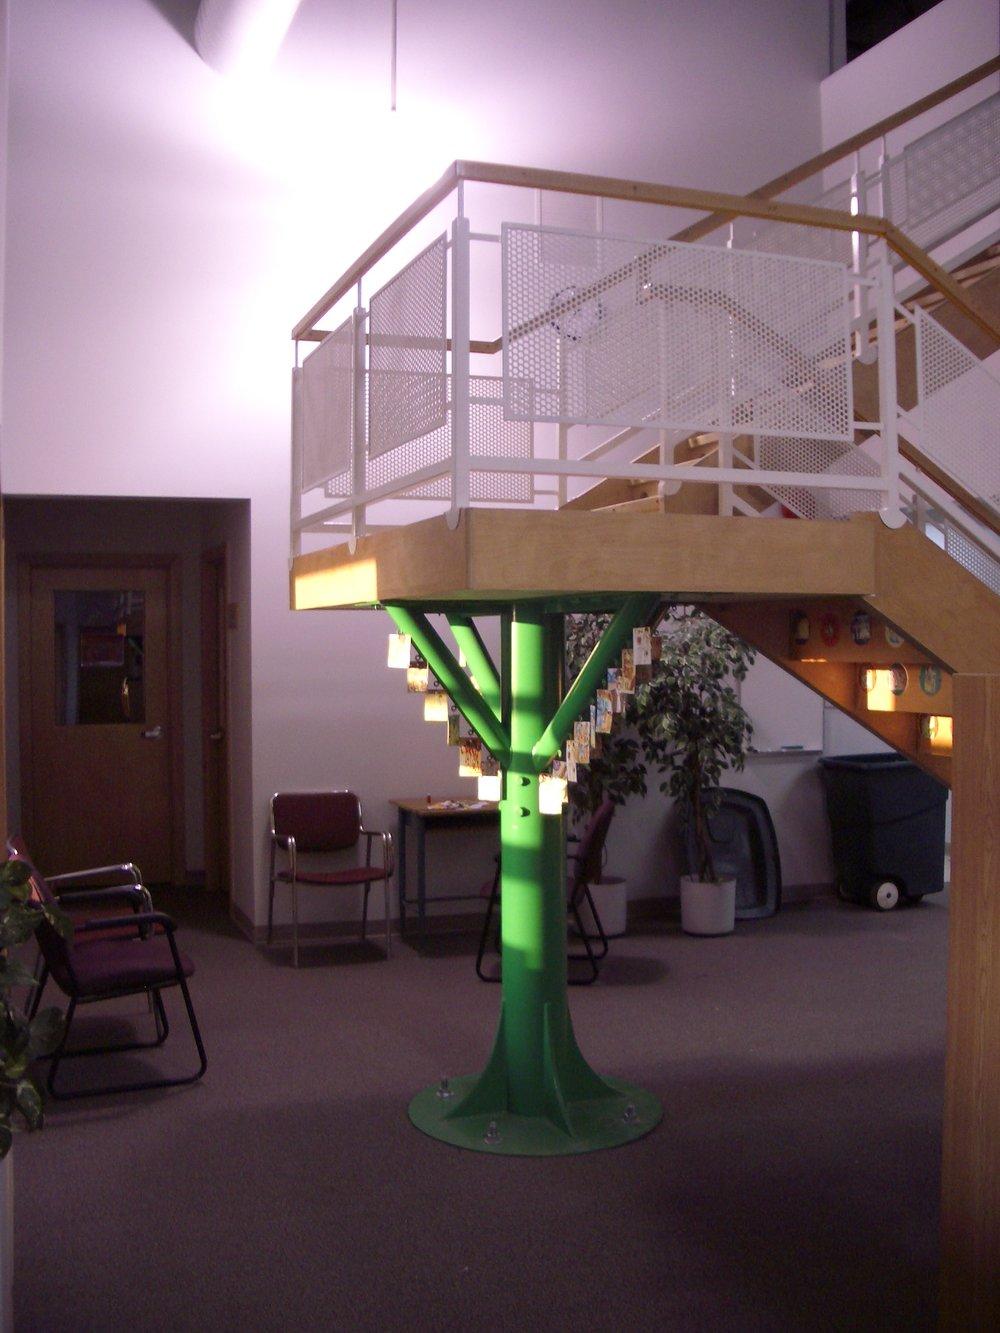 Stair 003.jpg